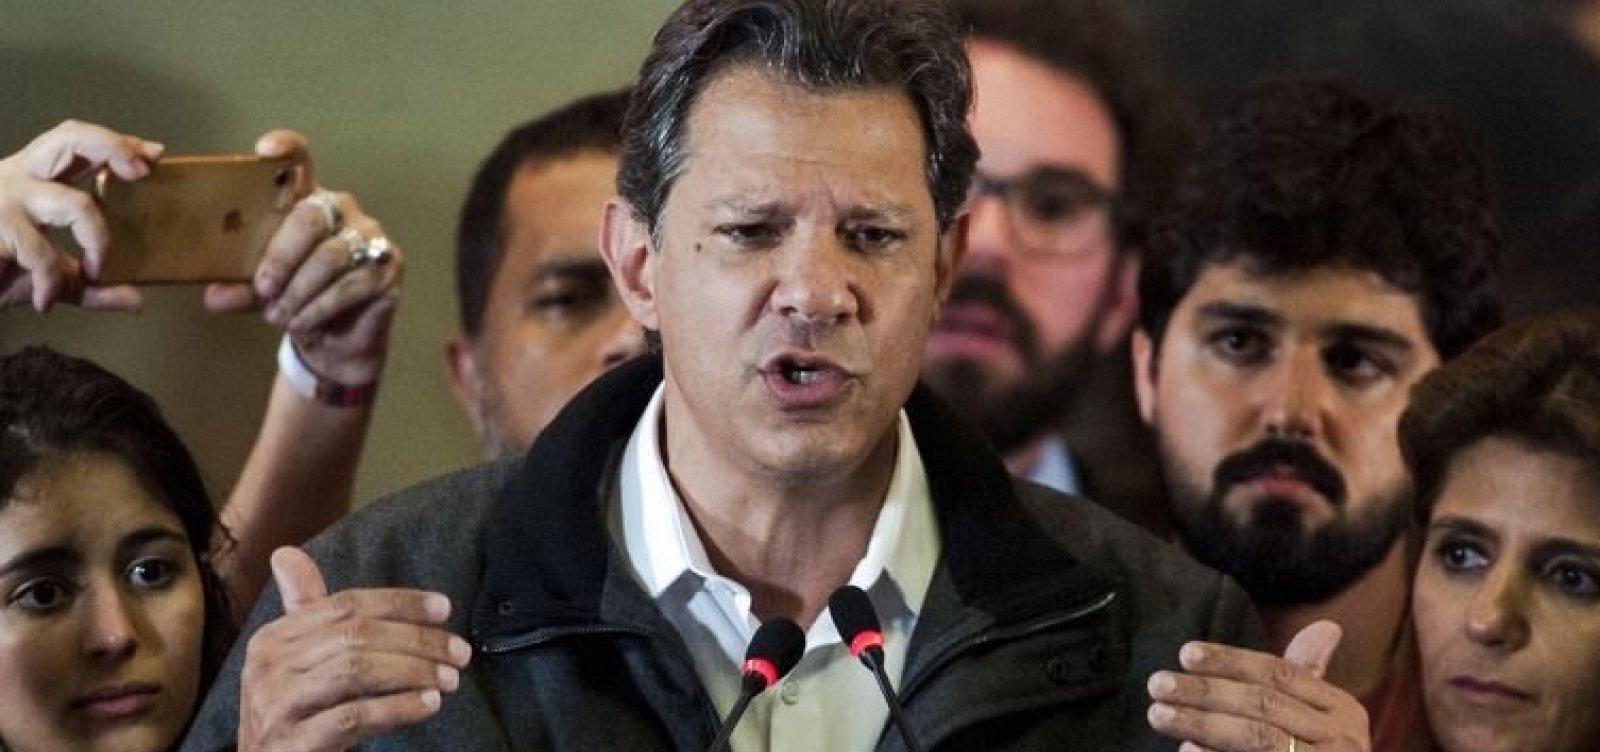 Após visitar Lula, Haddad se esquiva de pergunta sobre ex-presidente